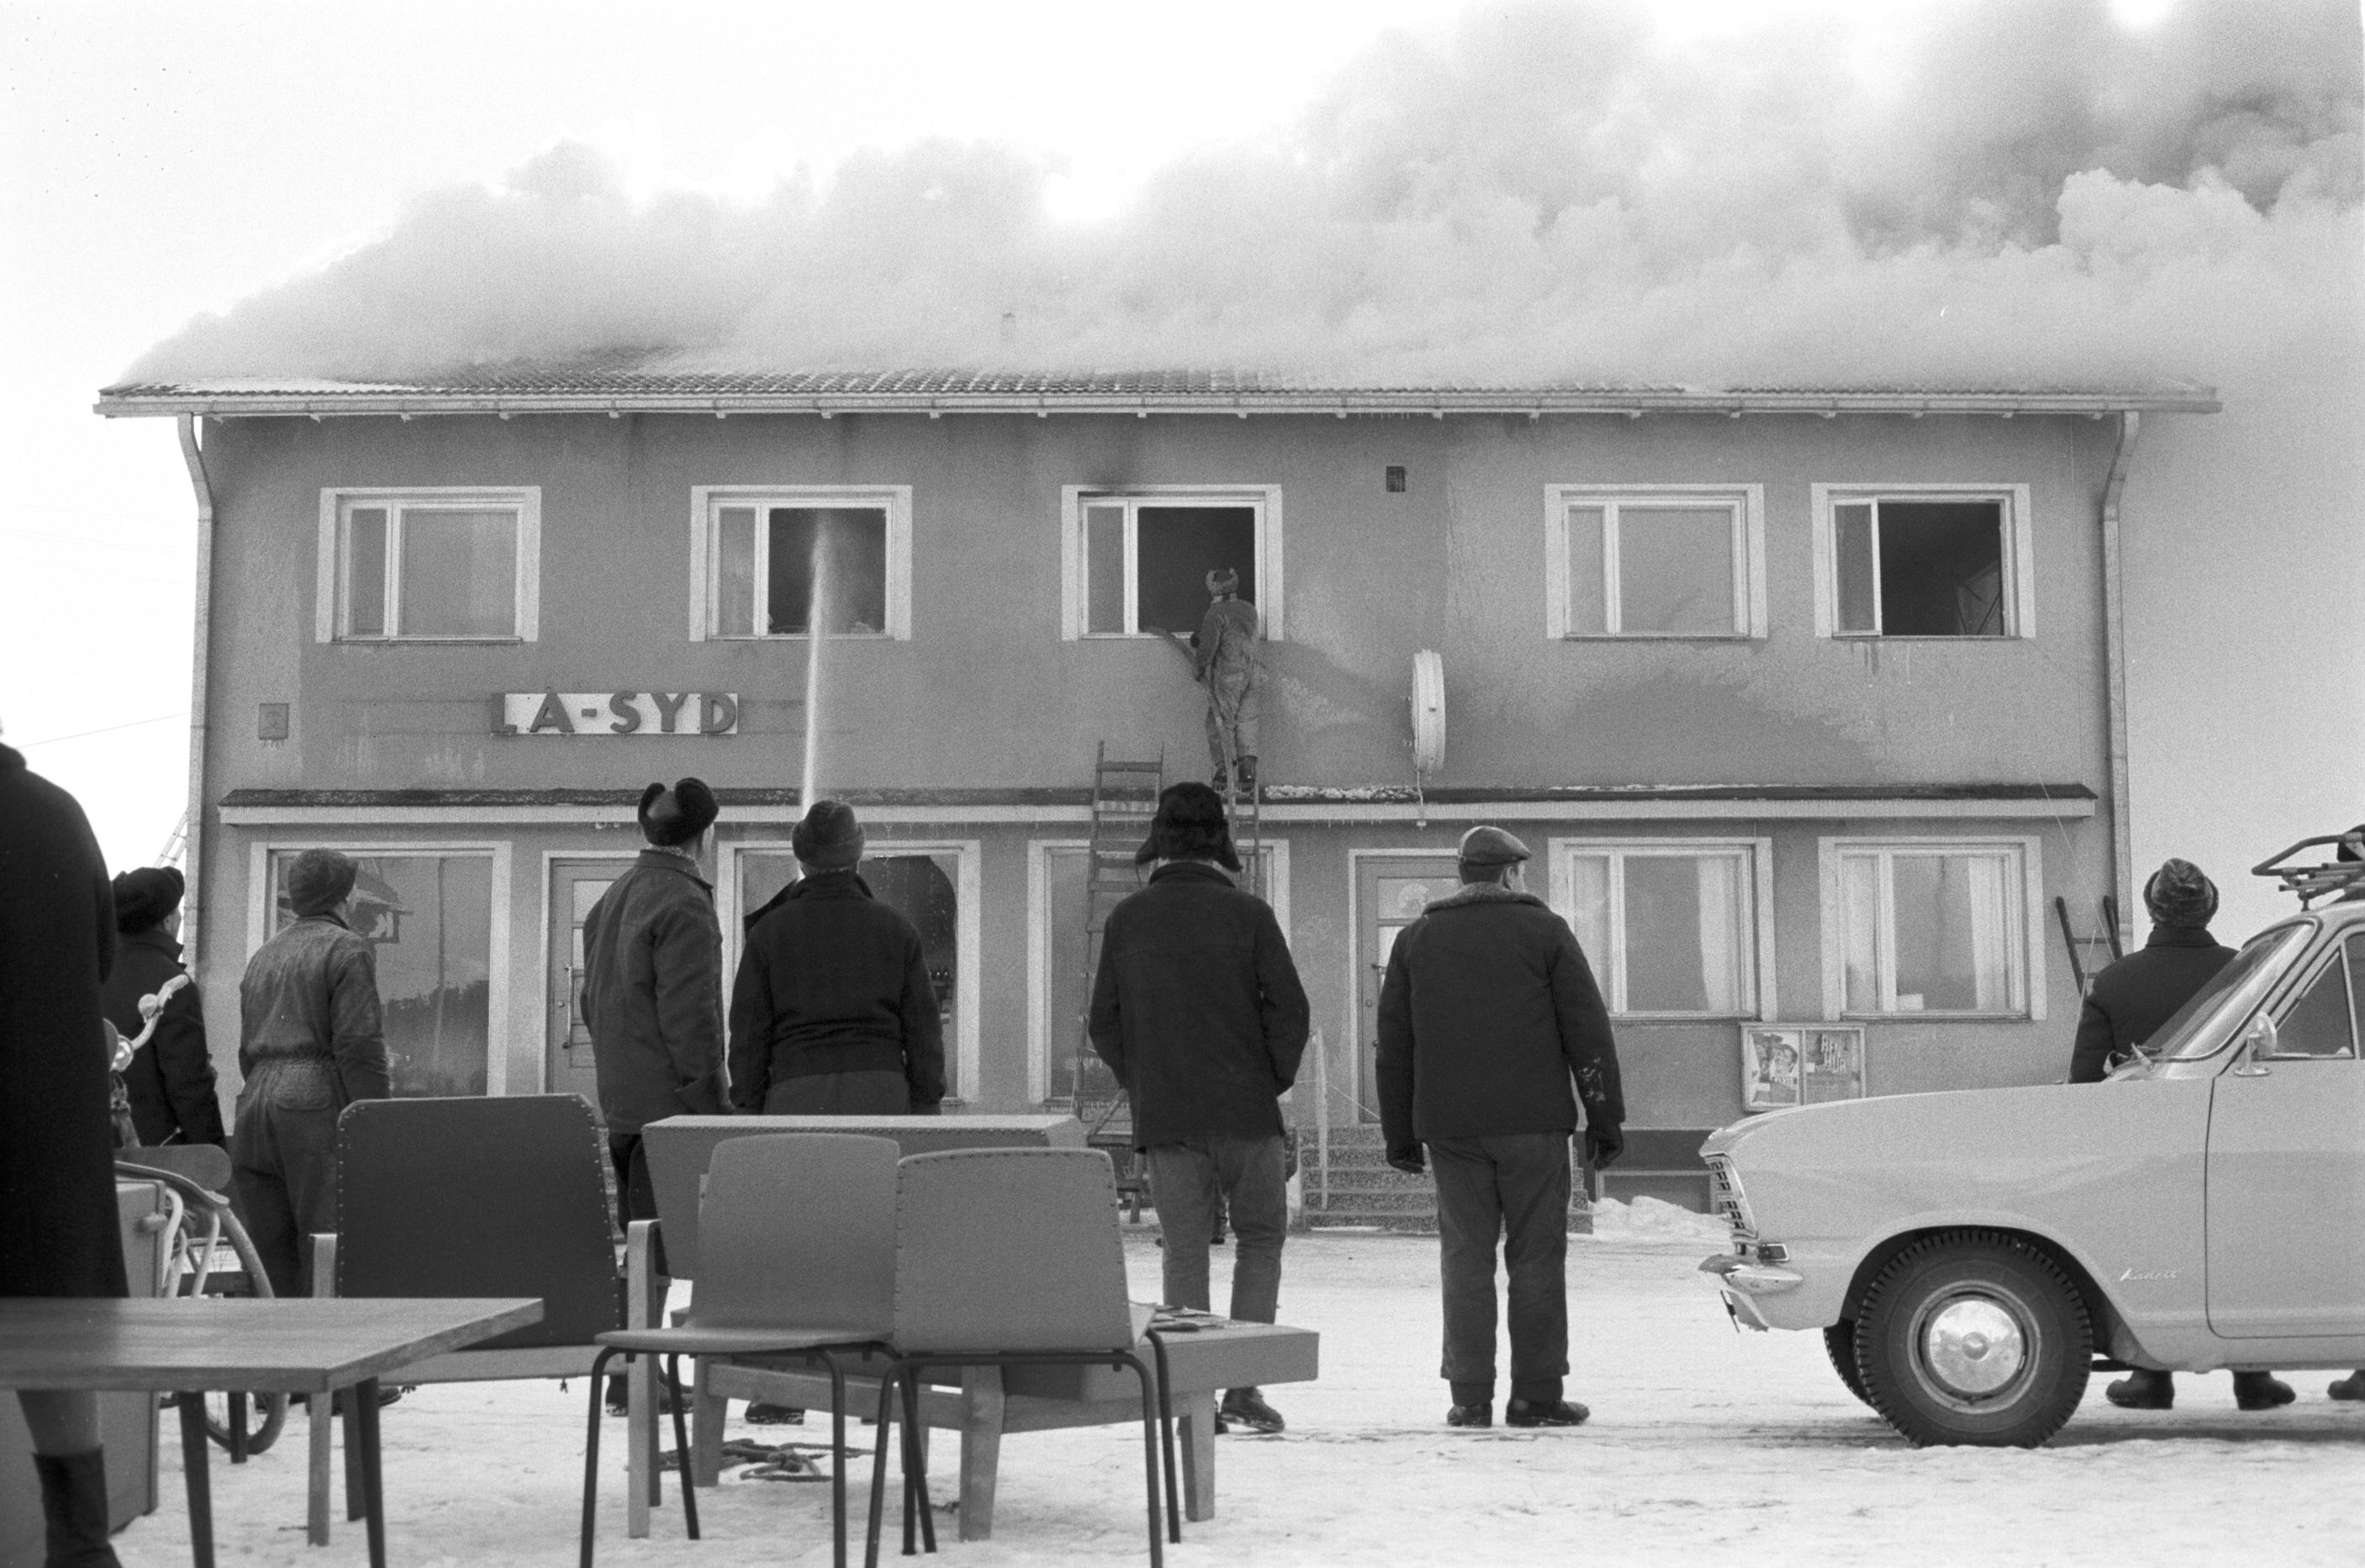 En del av inredningen från Sparbankens kontor kunde räddas medan själva byggnaden förstördes helt. Här står en del bybor och ser på då brandmännen försöker släcka elden.